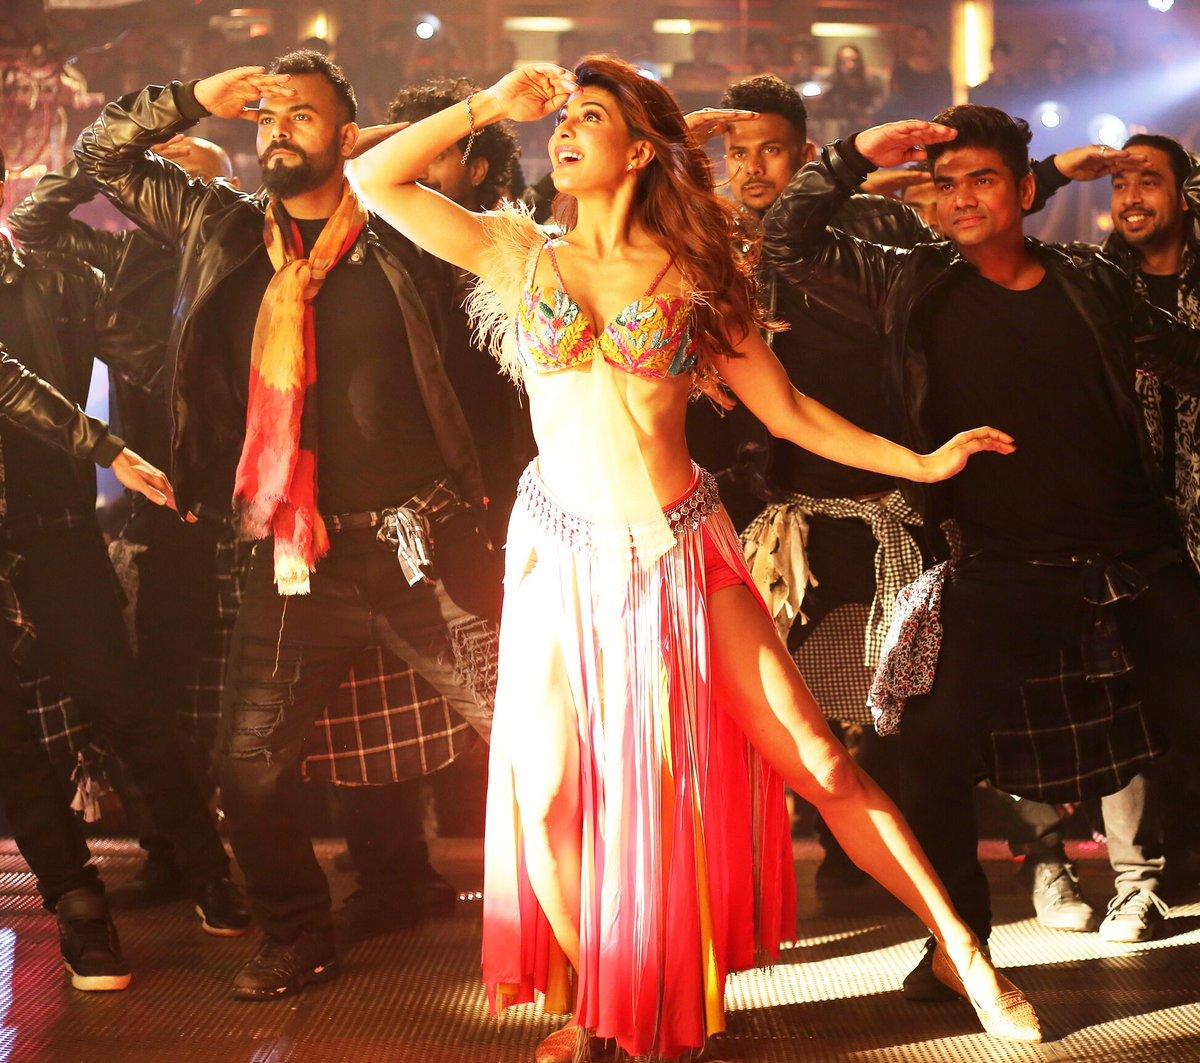 Ek Do Teen Baaghi 2 Djmix: Jacqueline's Ek Do Teen Song: Another Mohini Like Madhuri